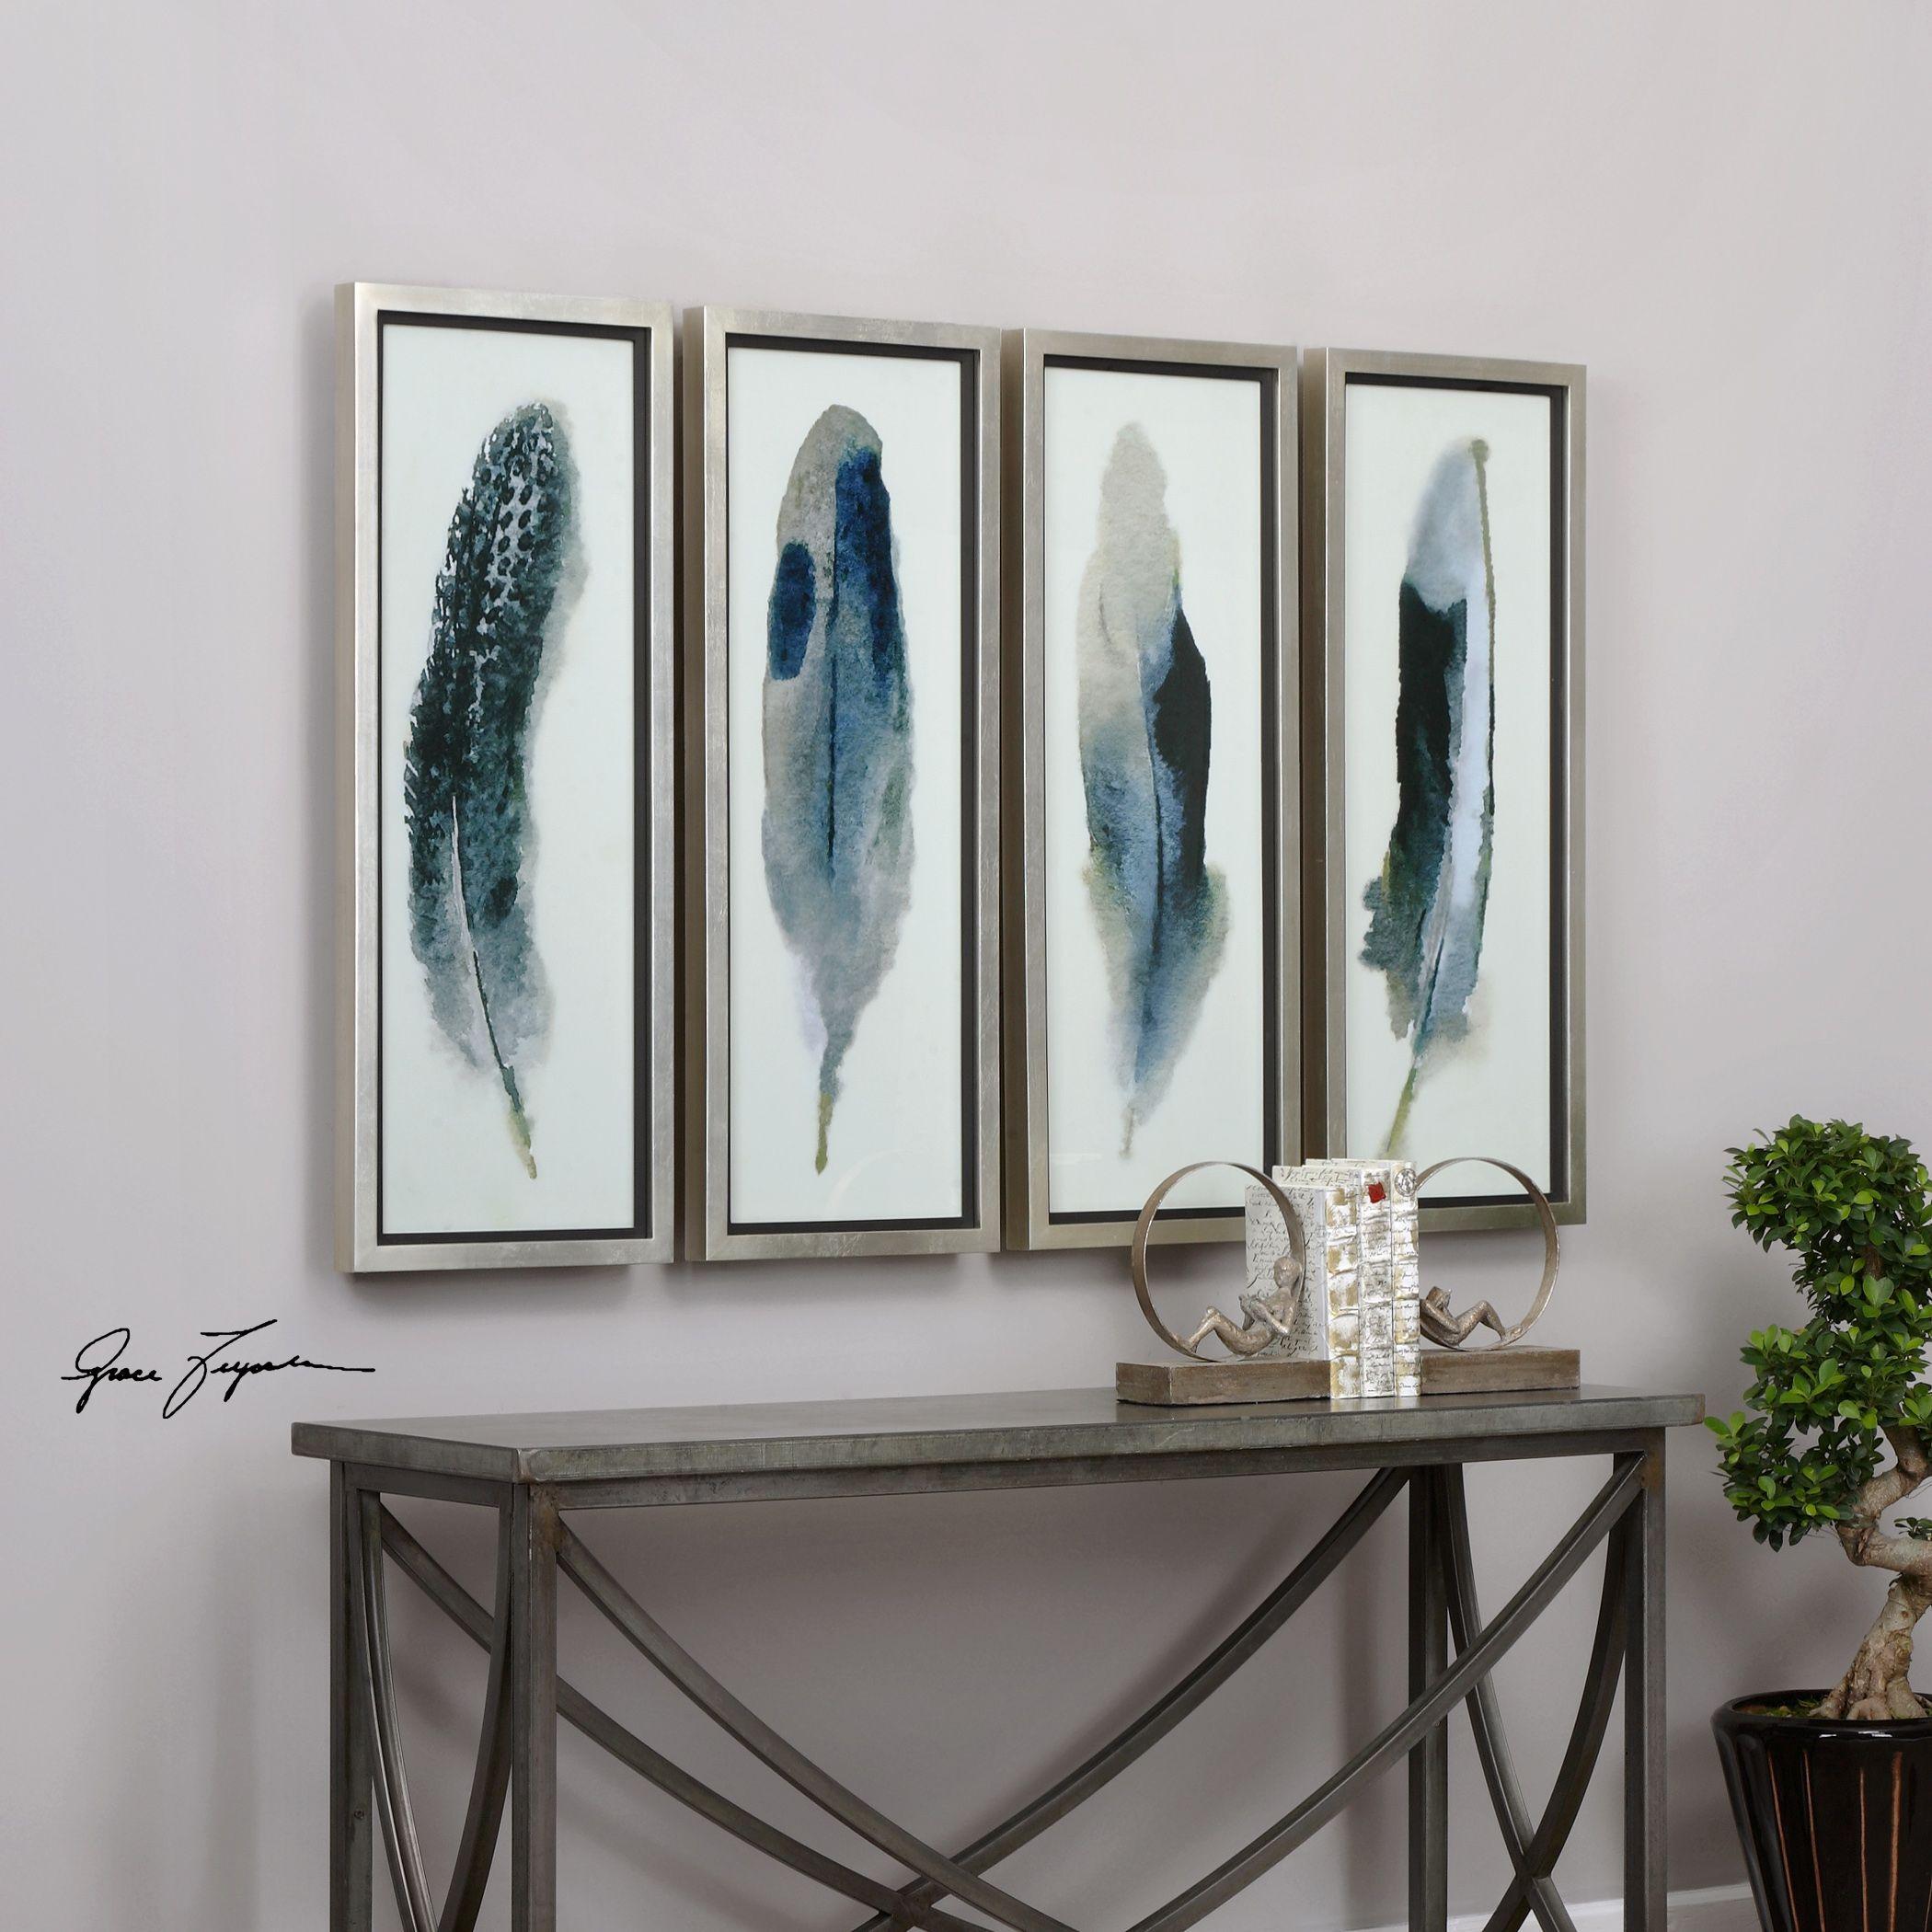 ... Four Piece Feathers Printed Framed Wall Art Set. U2039 U203a